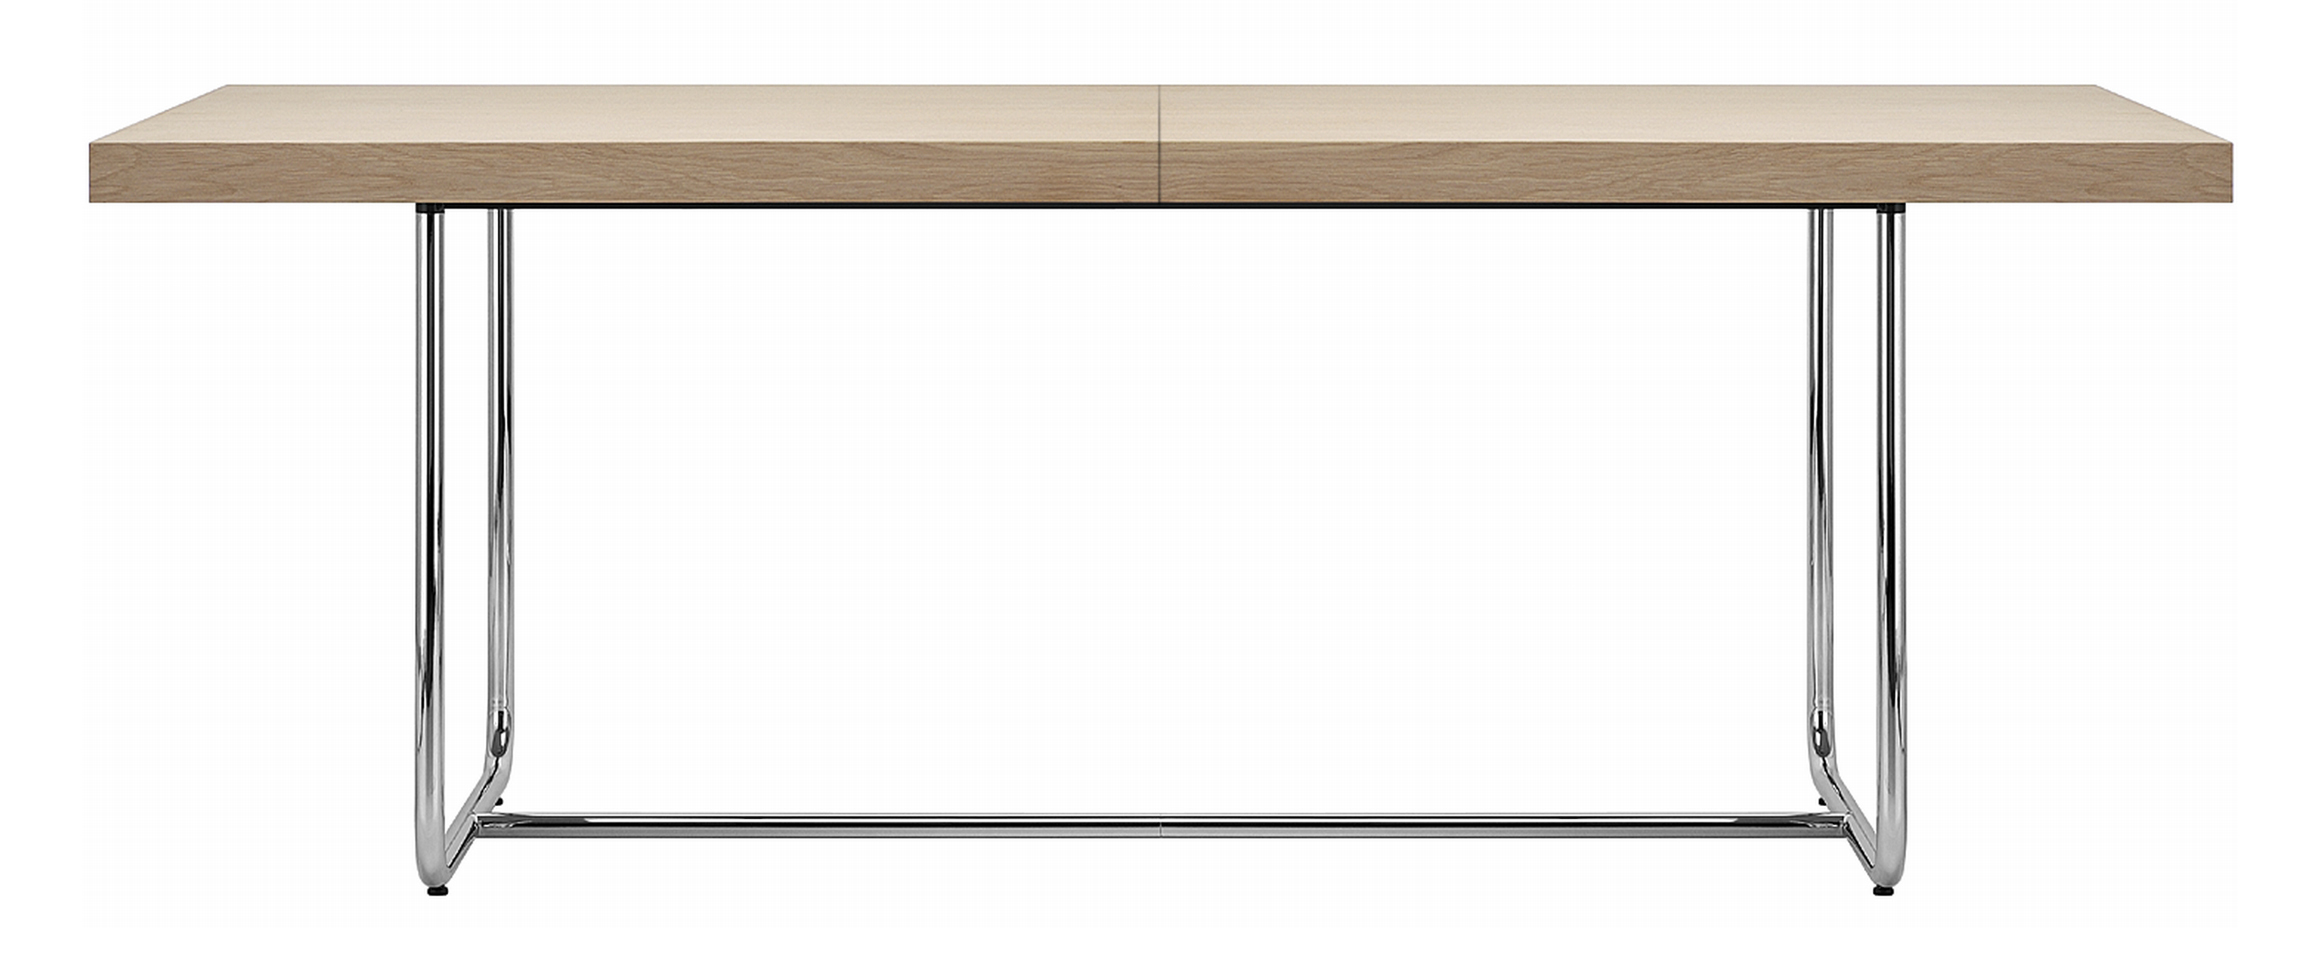 Tisch zeichnung  Programm S 1070 - THONET-Möbel - Stühle, Tische, Sessel und Sofas ...